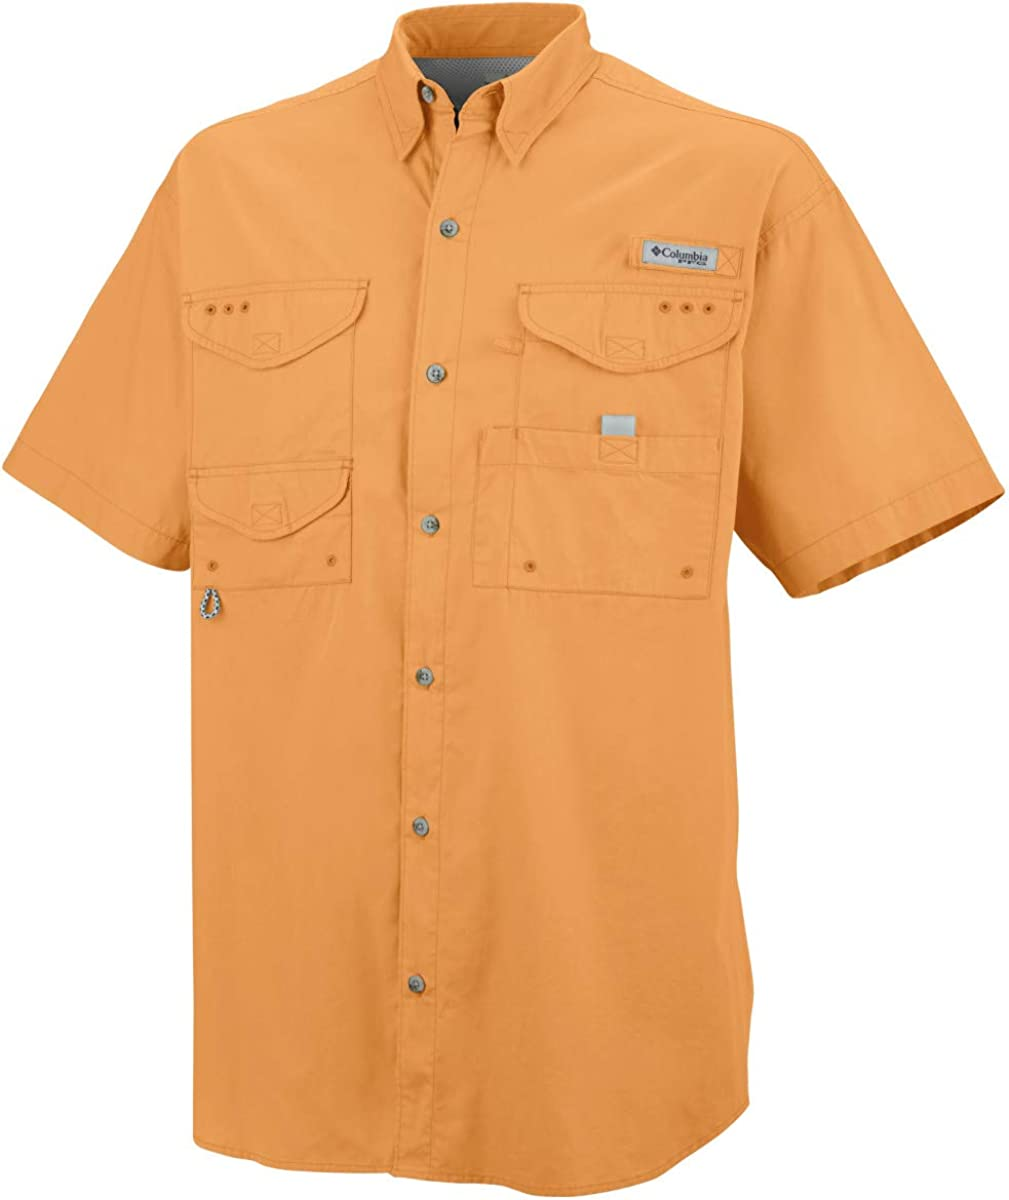 Columbia Bonehead™ Short Sleeve Shirt - BoneheadTM Camisa de Manga Corta Hombre: Amazon.es: Deportes y aire libre